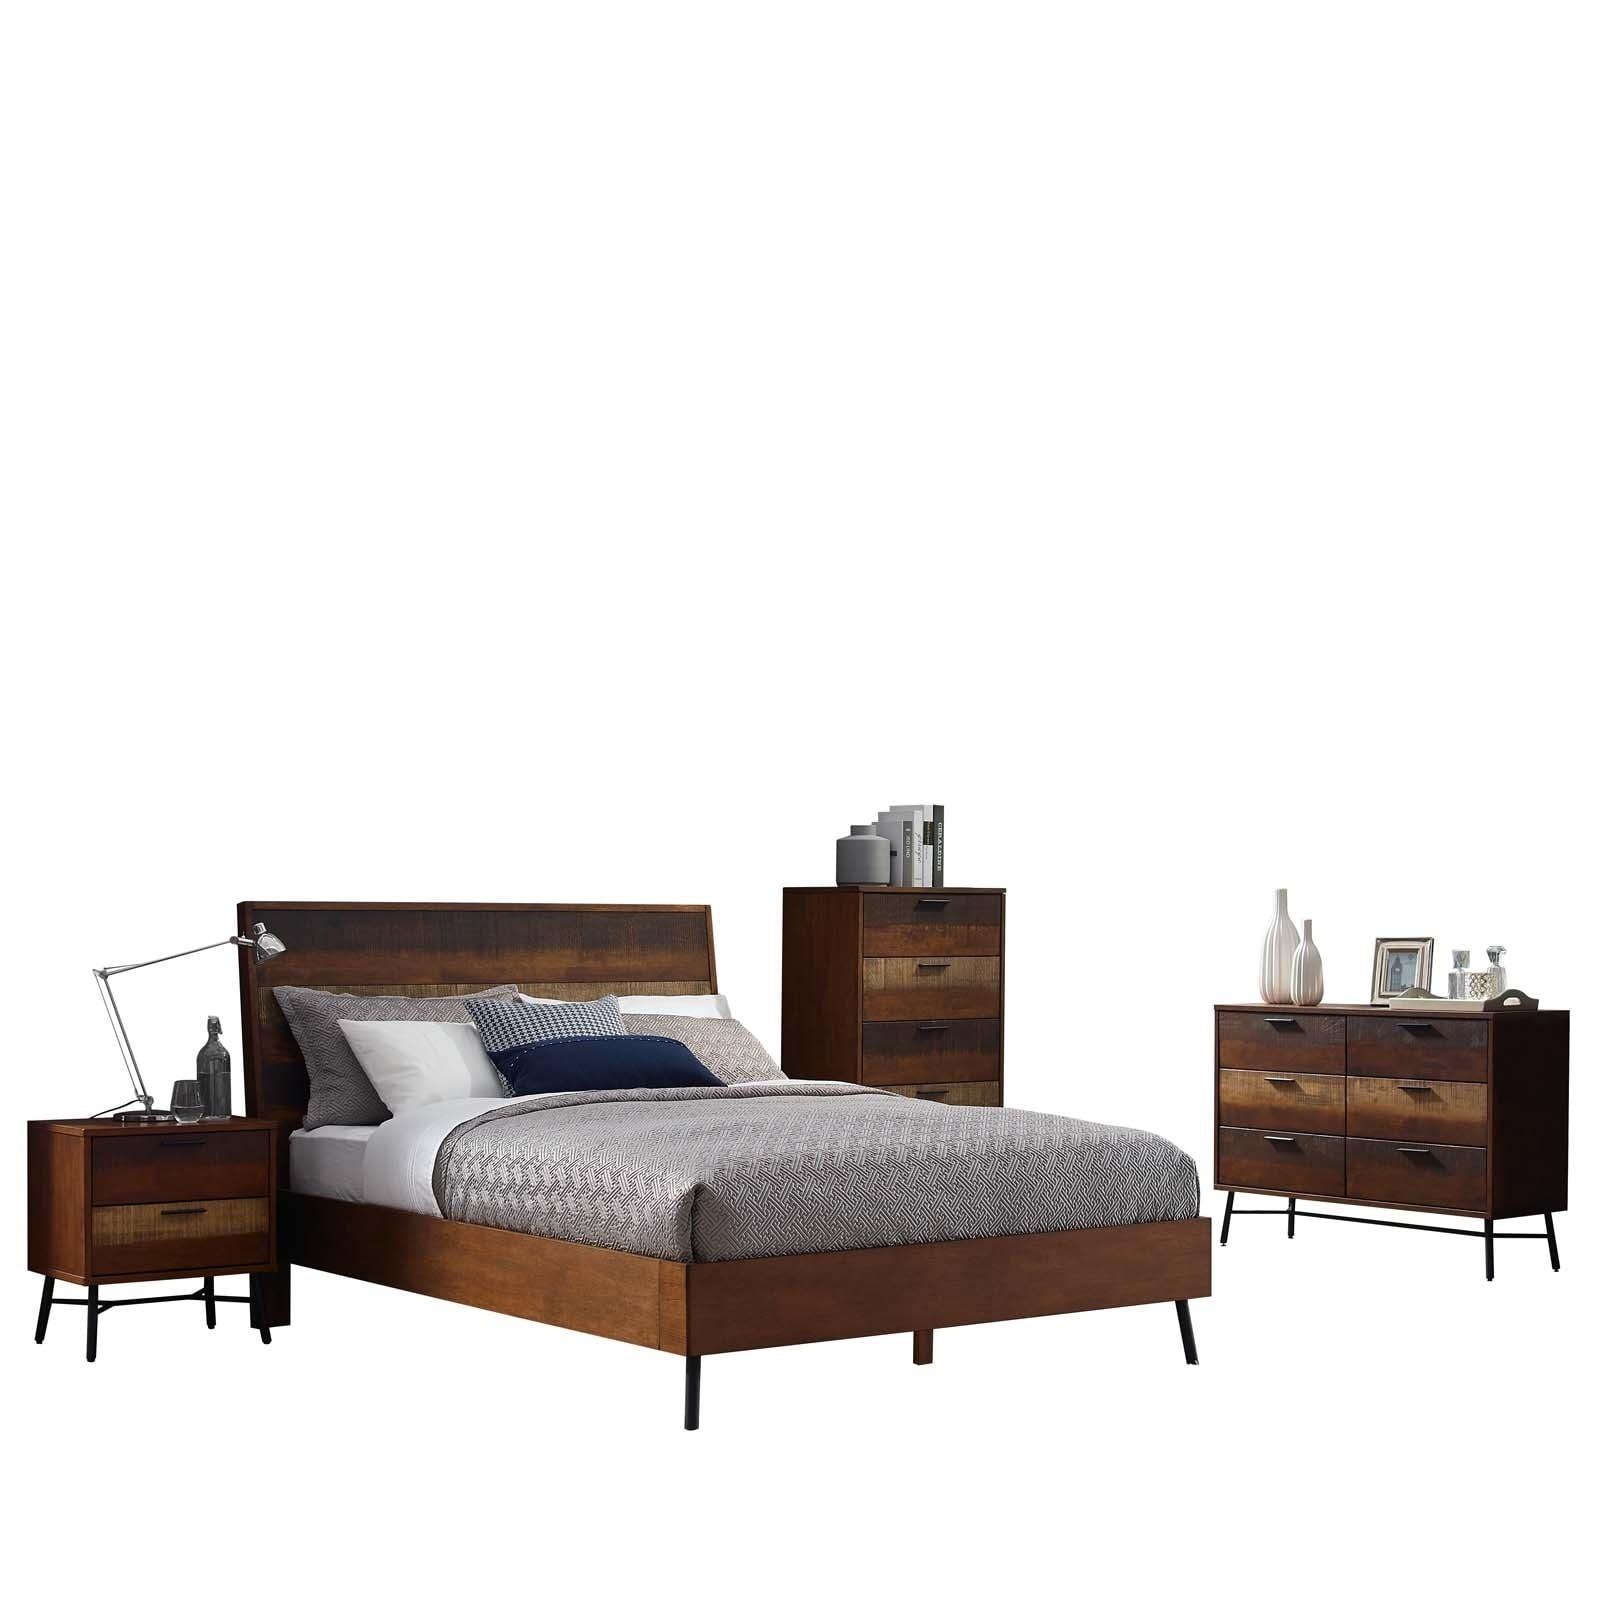 Arwen 5 Piece Queen Bedroom Set